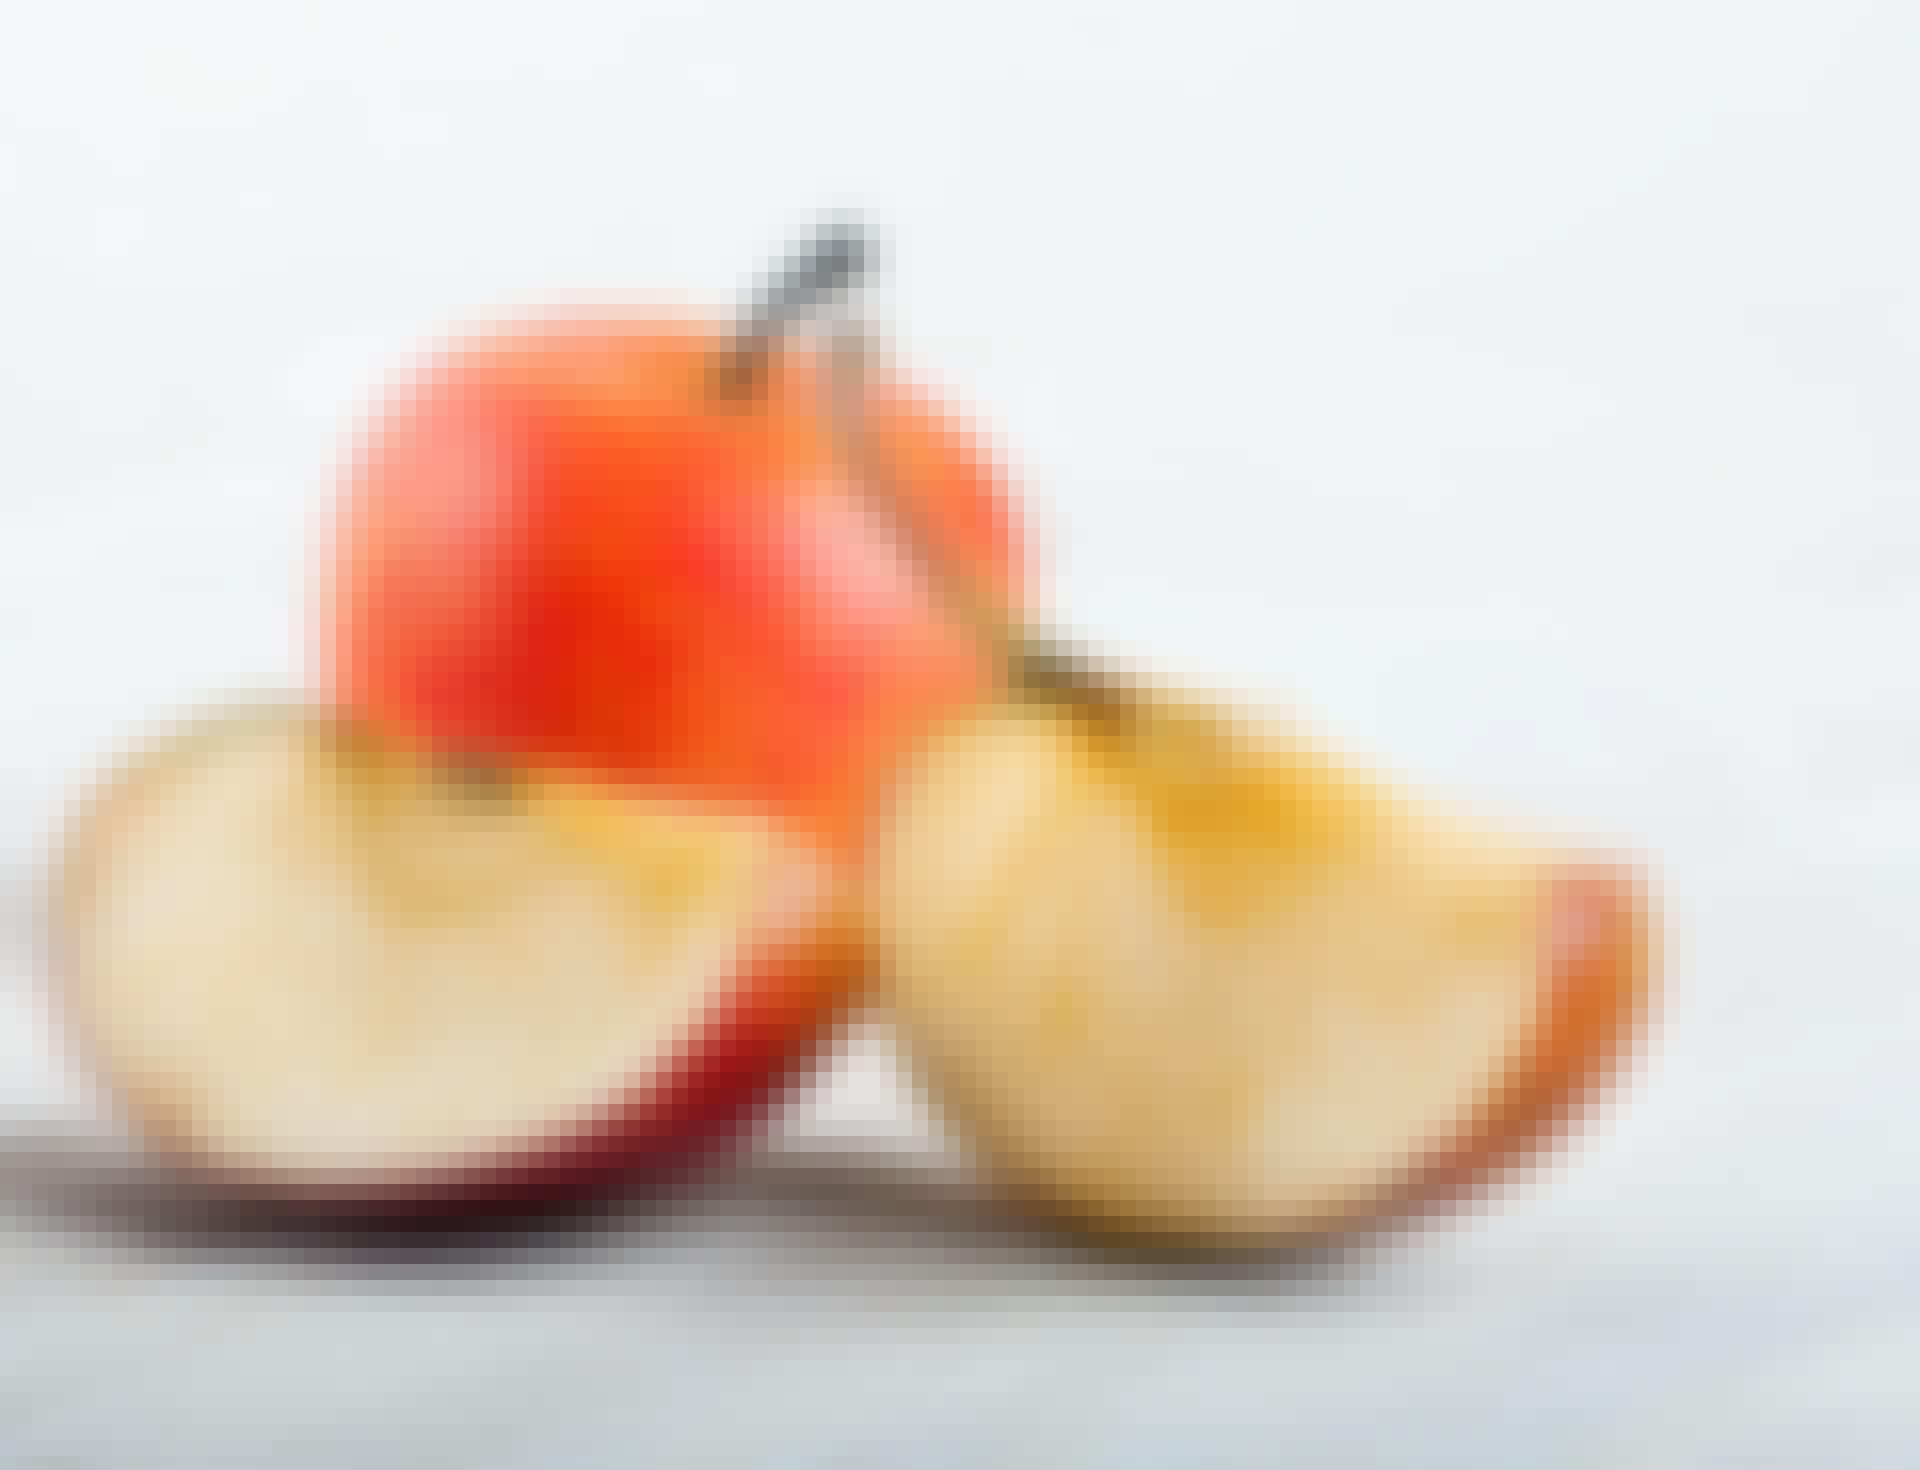 Hvorfor bliver æbler brune?